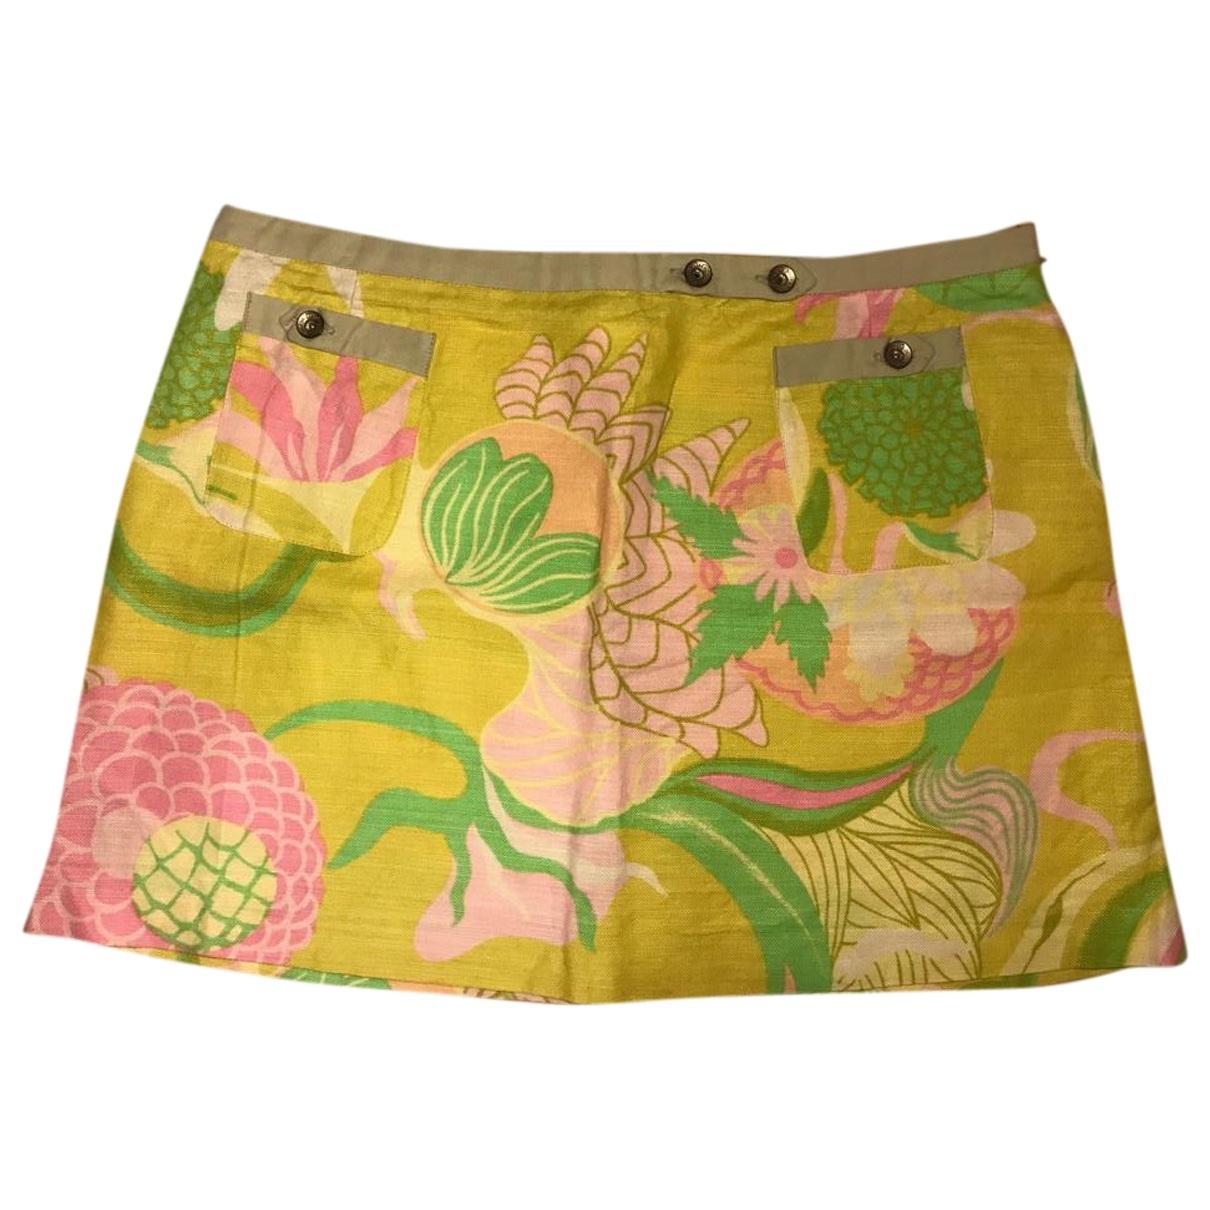 D&g - Jupe   pour femme en lin - multicolore